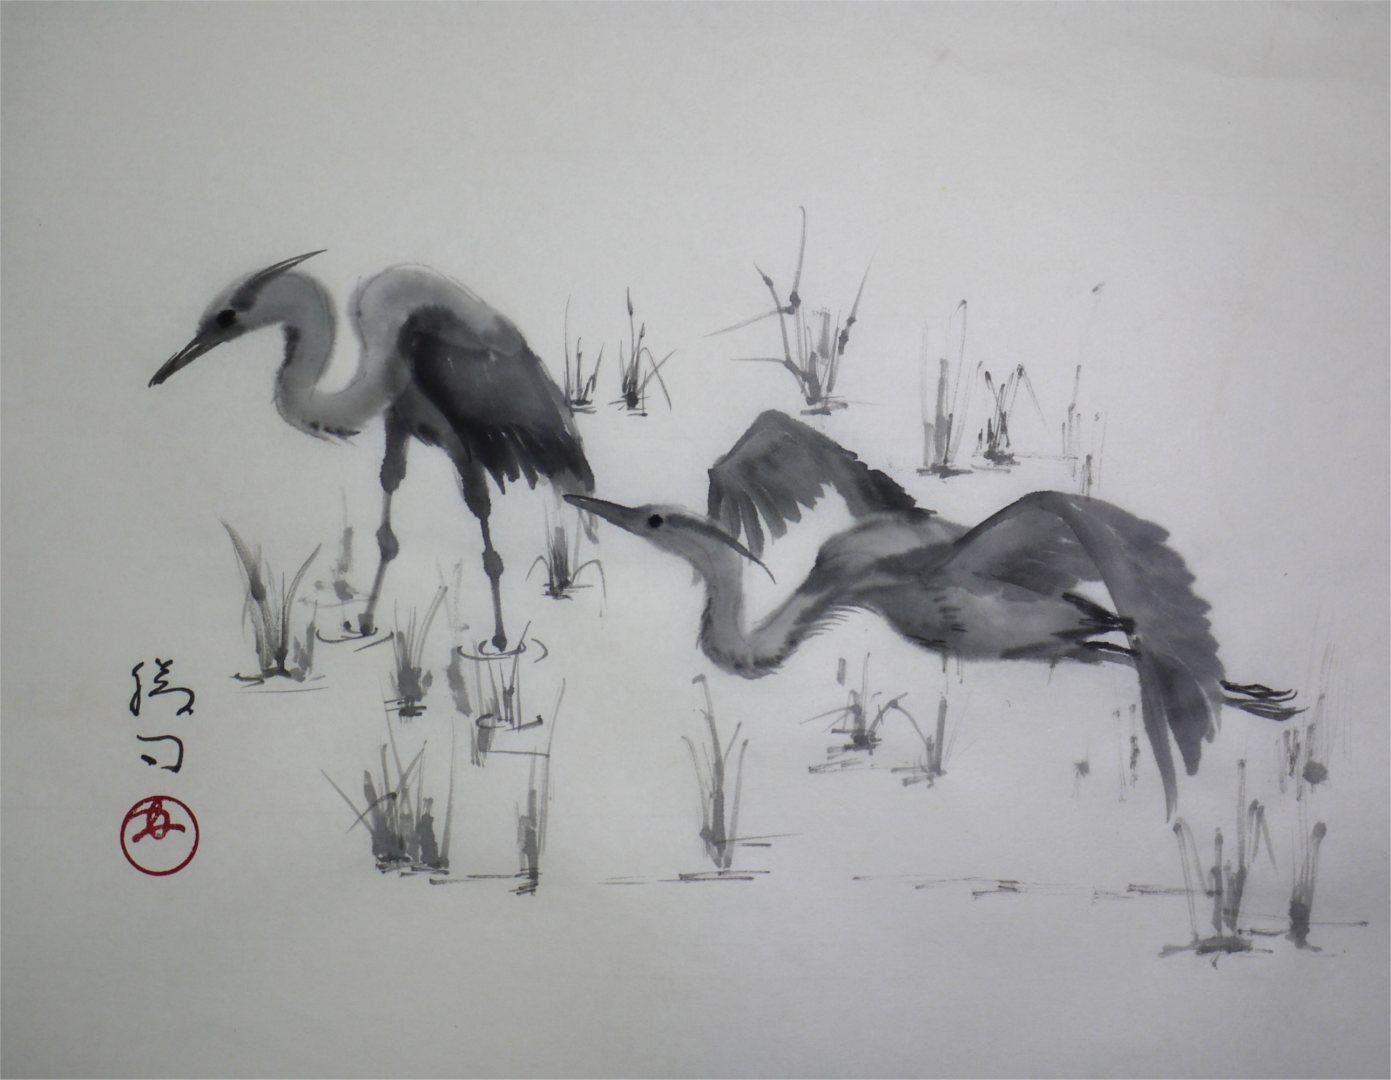 彩墨画「アオサギ」福田勝司筆